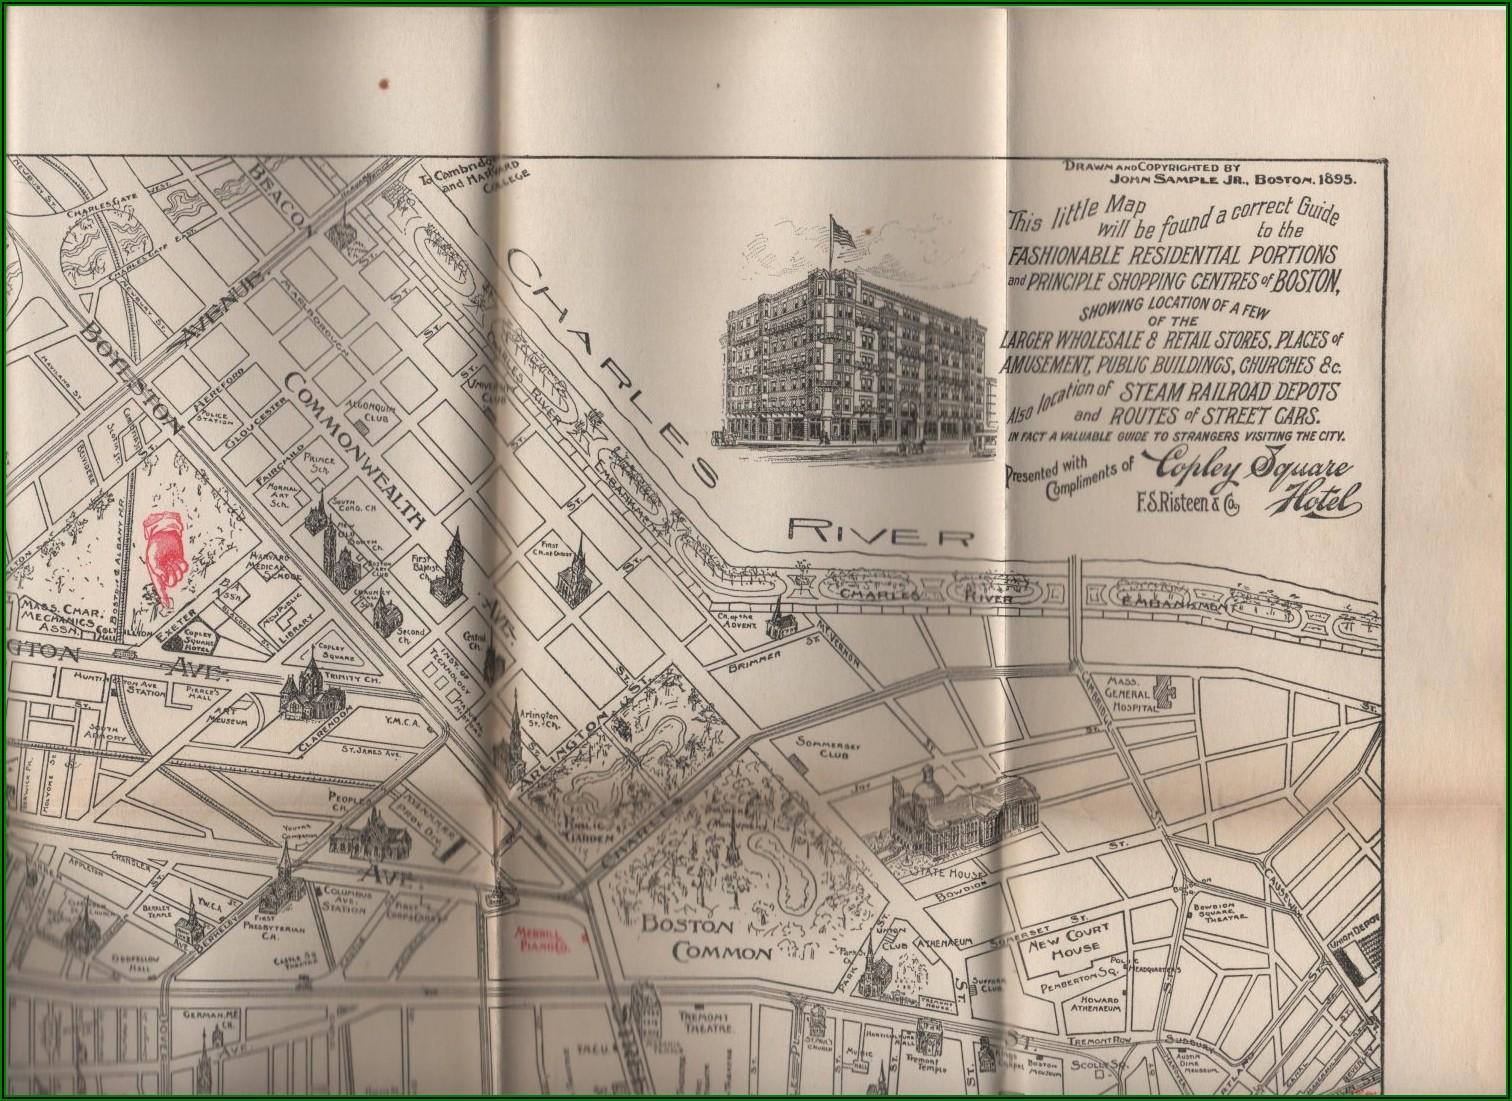 Copley Square Hotel Boston Map